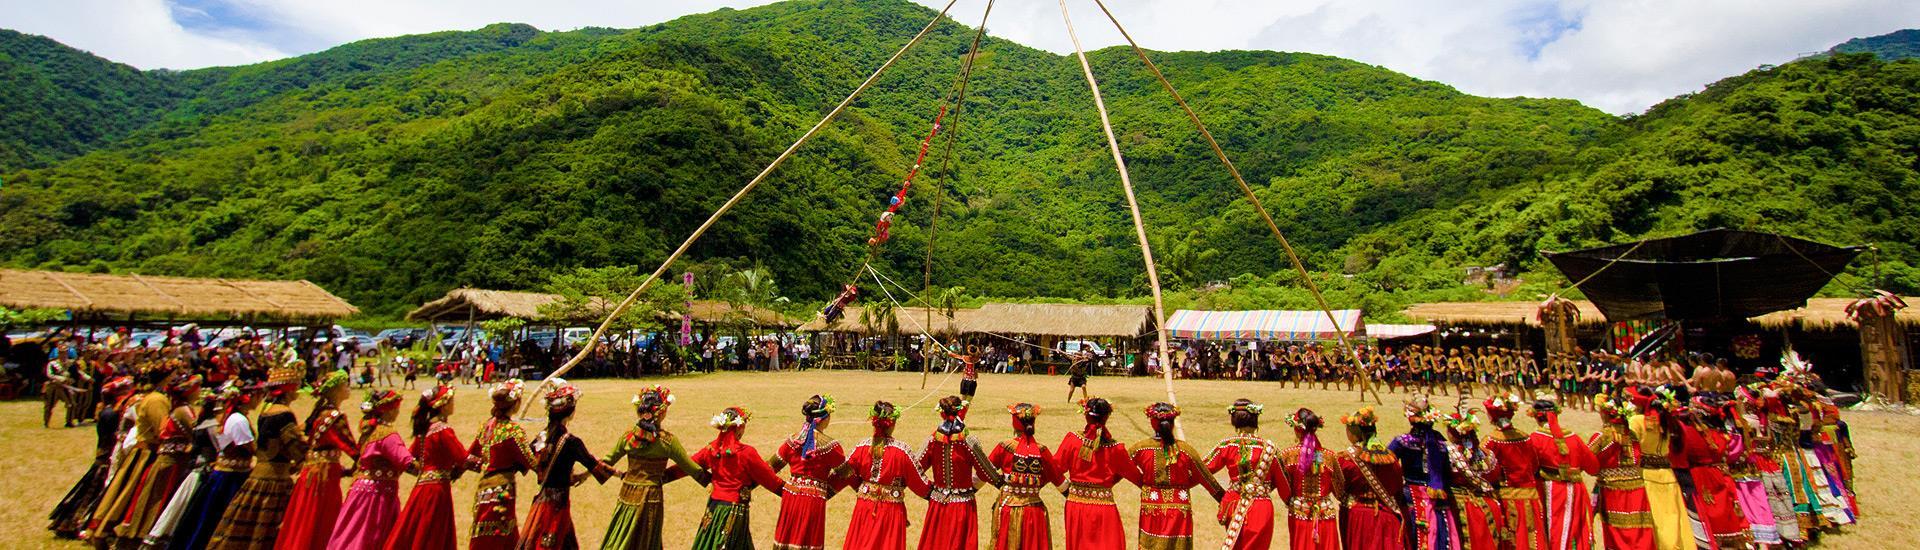 ルカイ族(魯凱族)豊年祭